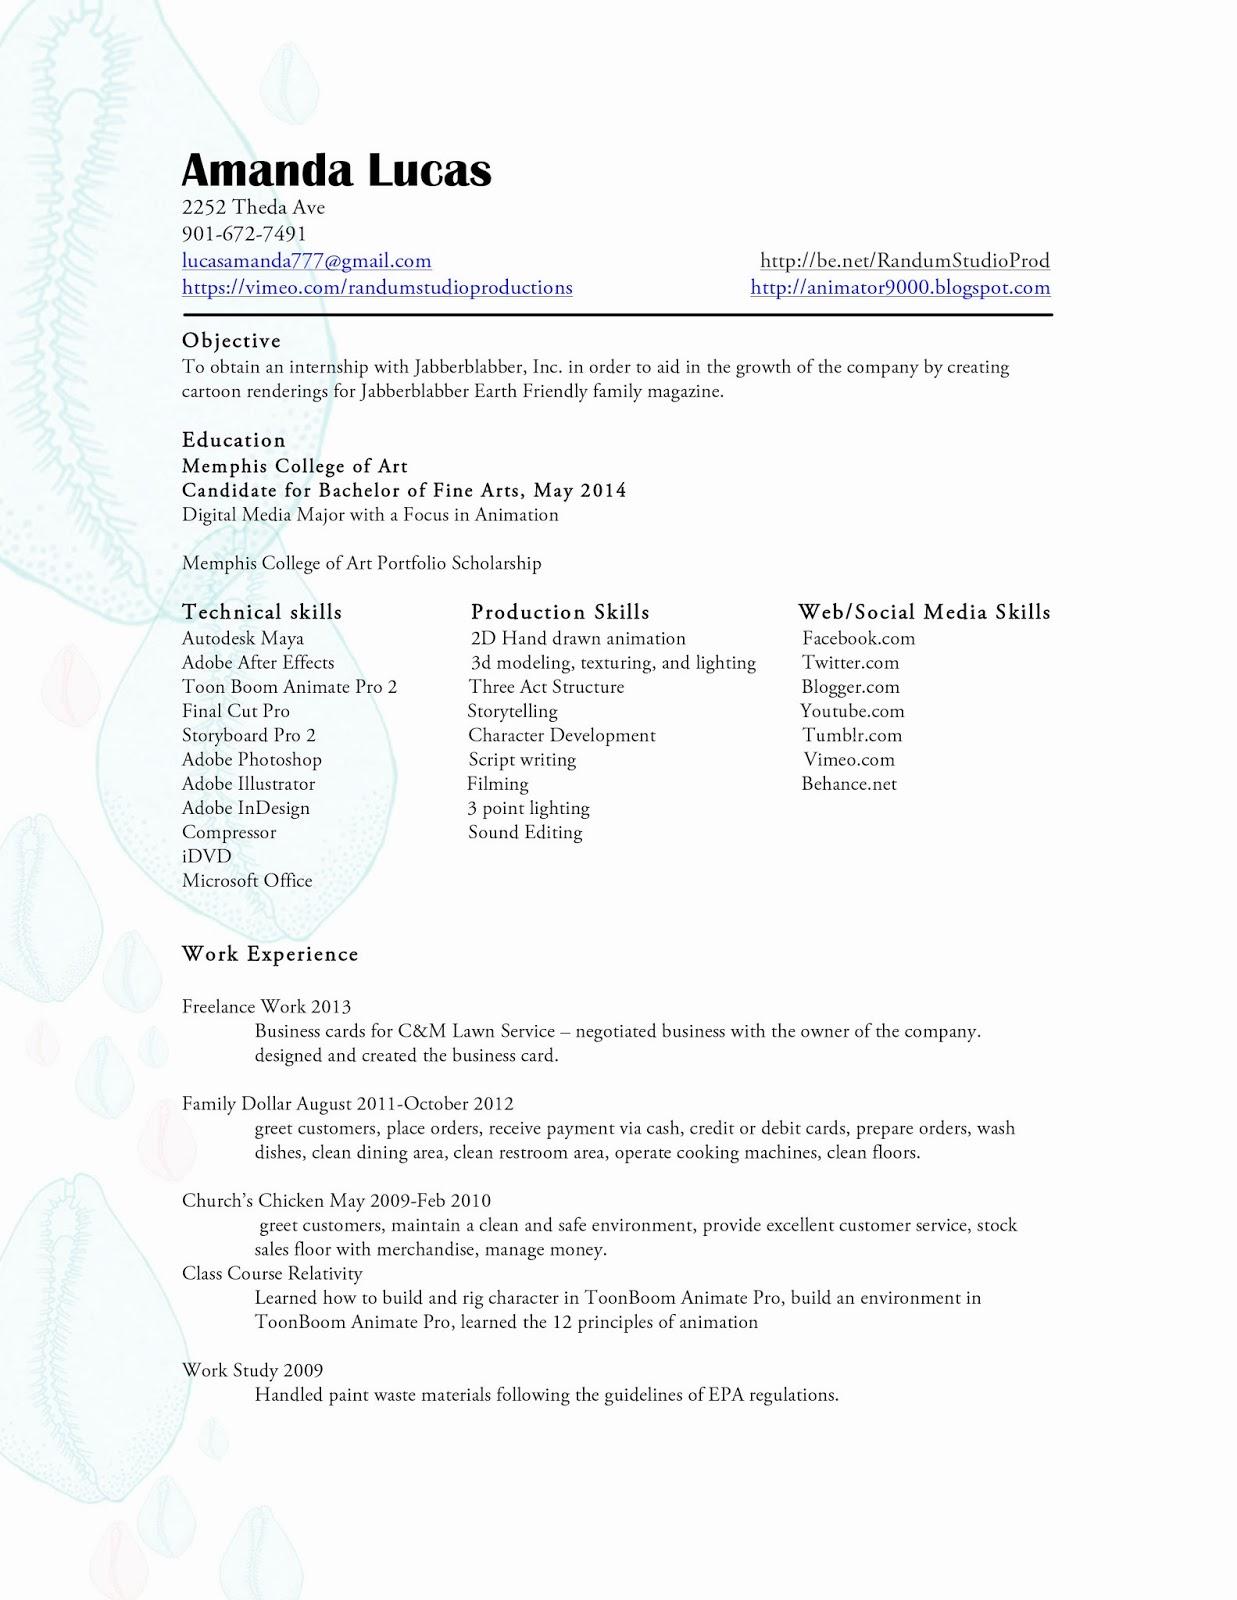 Senior Studio 1: Cover Letter and Resume for Jabberblabber Inc.